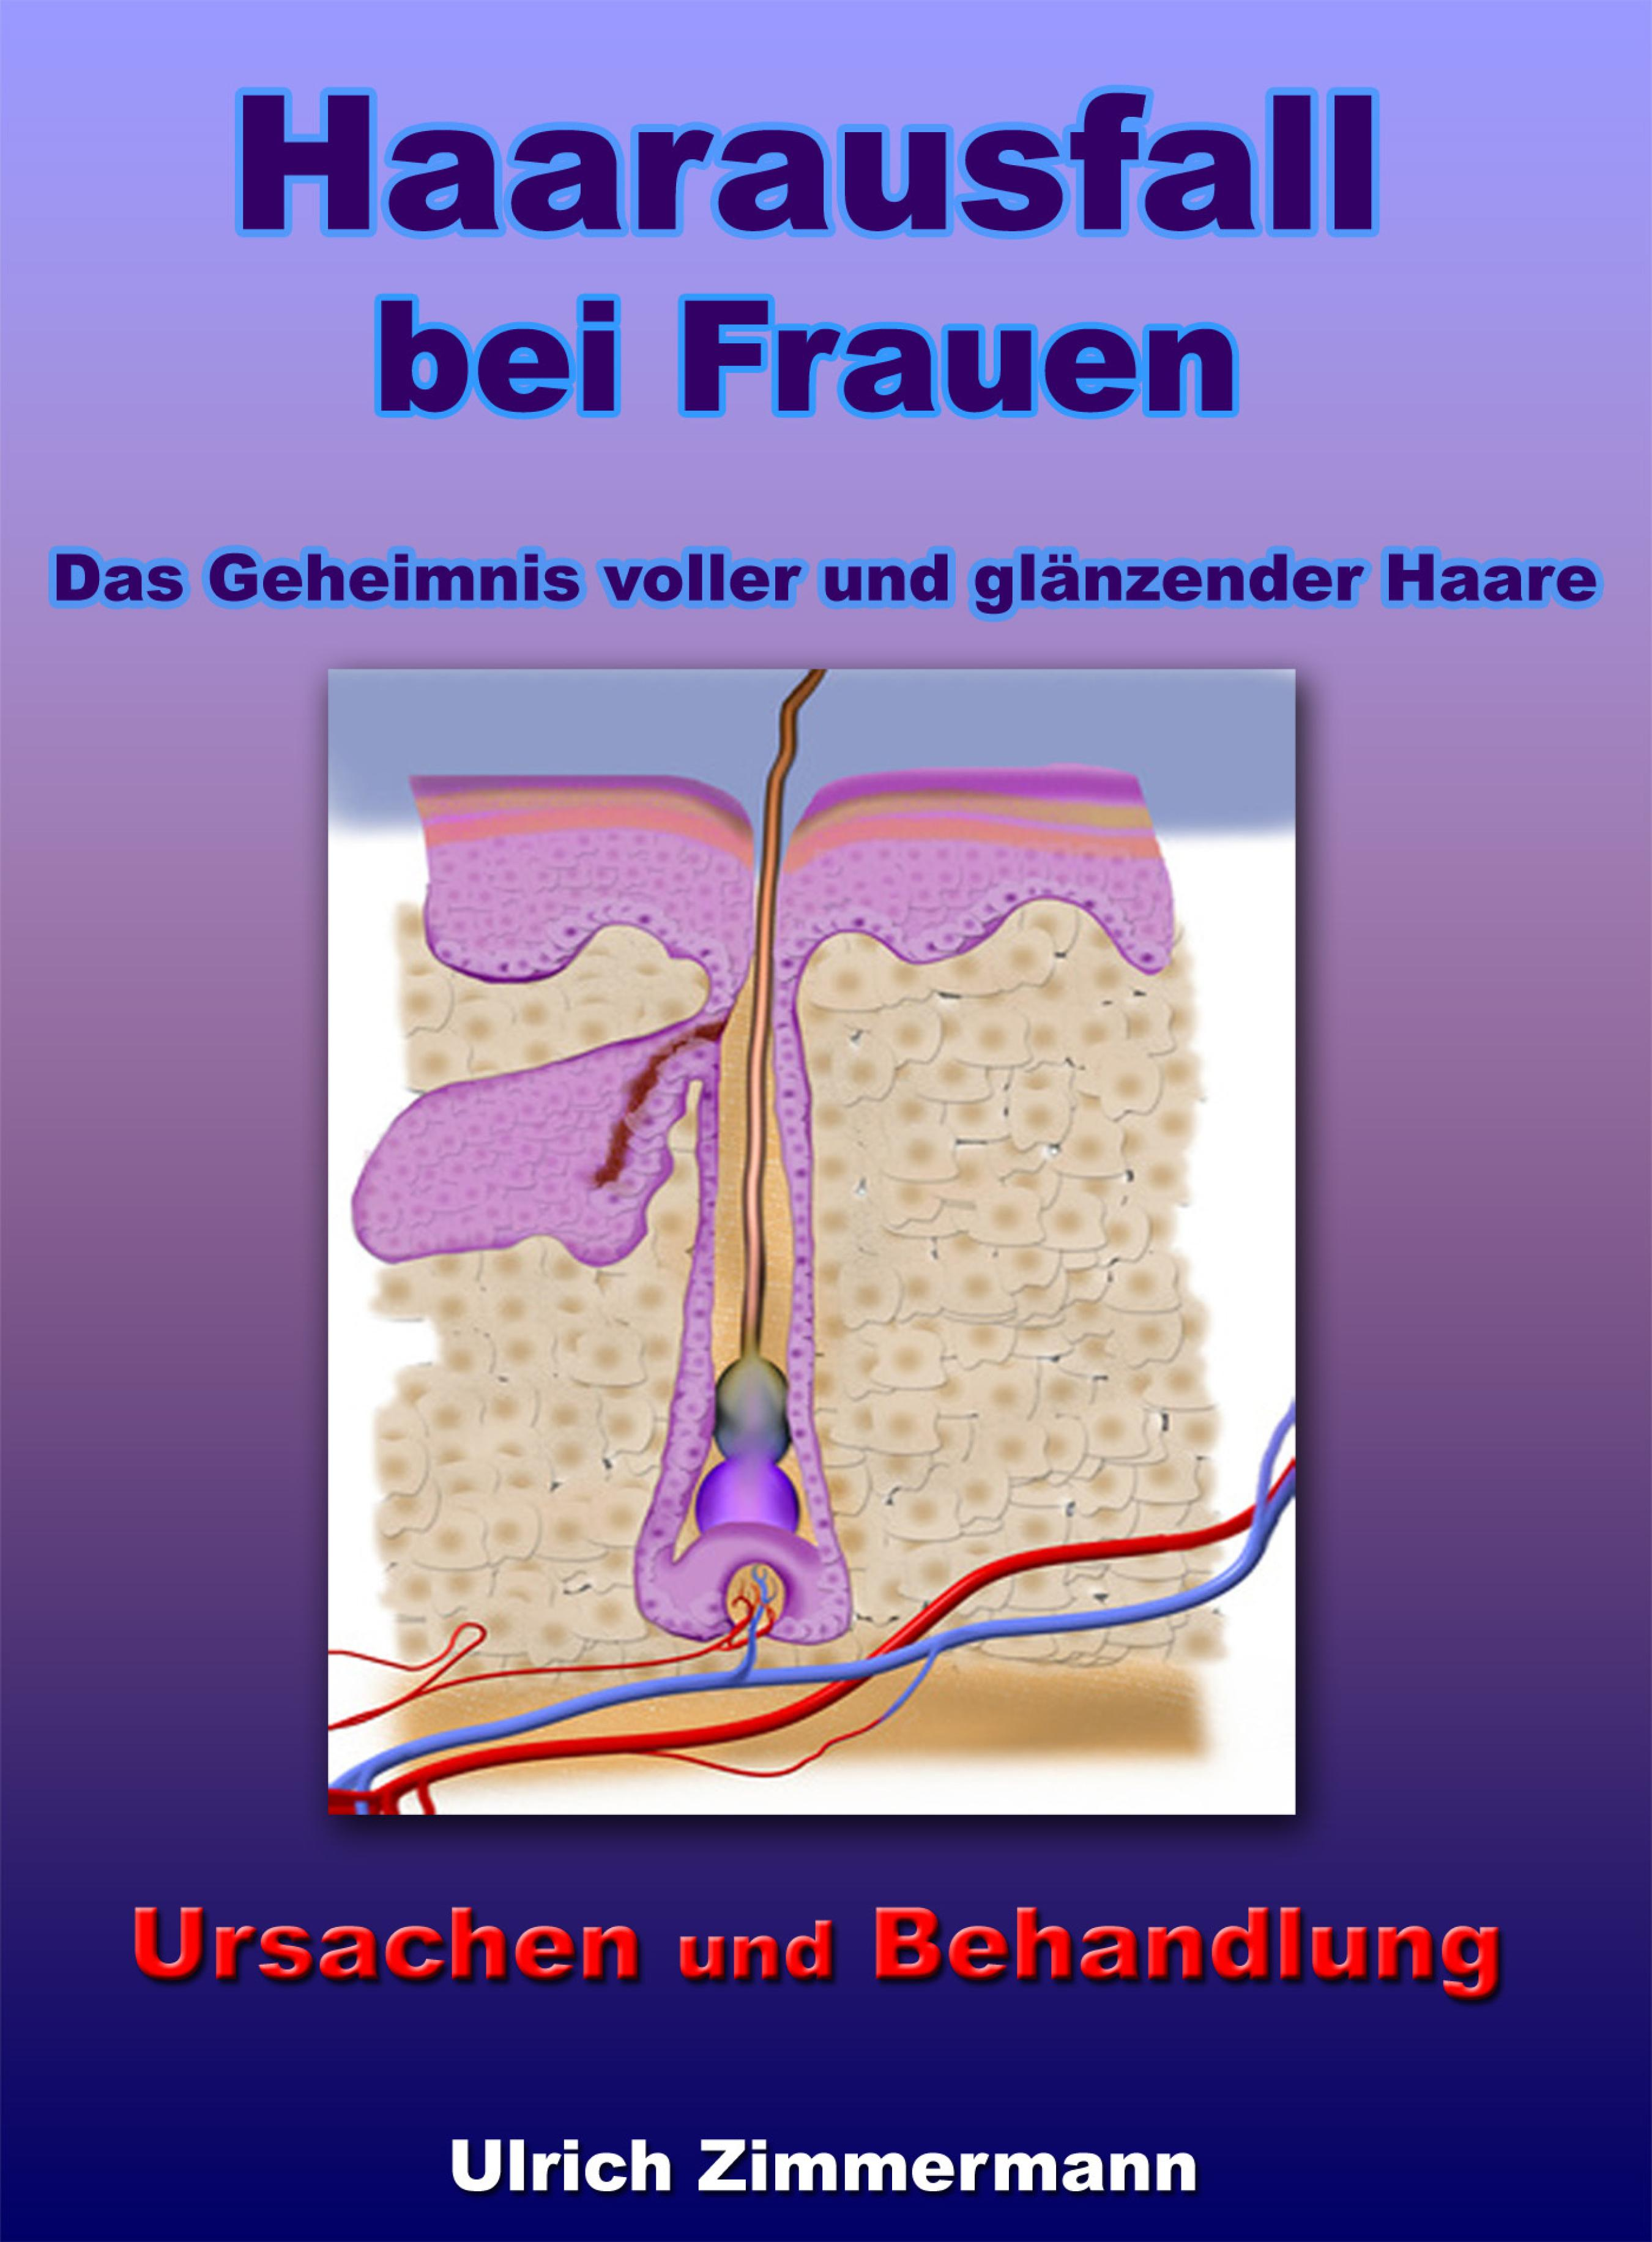 Ulrich Zimmermann Haarausfall bei Frauen - Ursachen und Behandlung - Das Geheimnis voller und glänzender Haare a juncker das gebet bei paulus